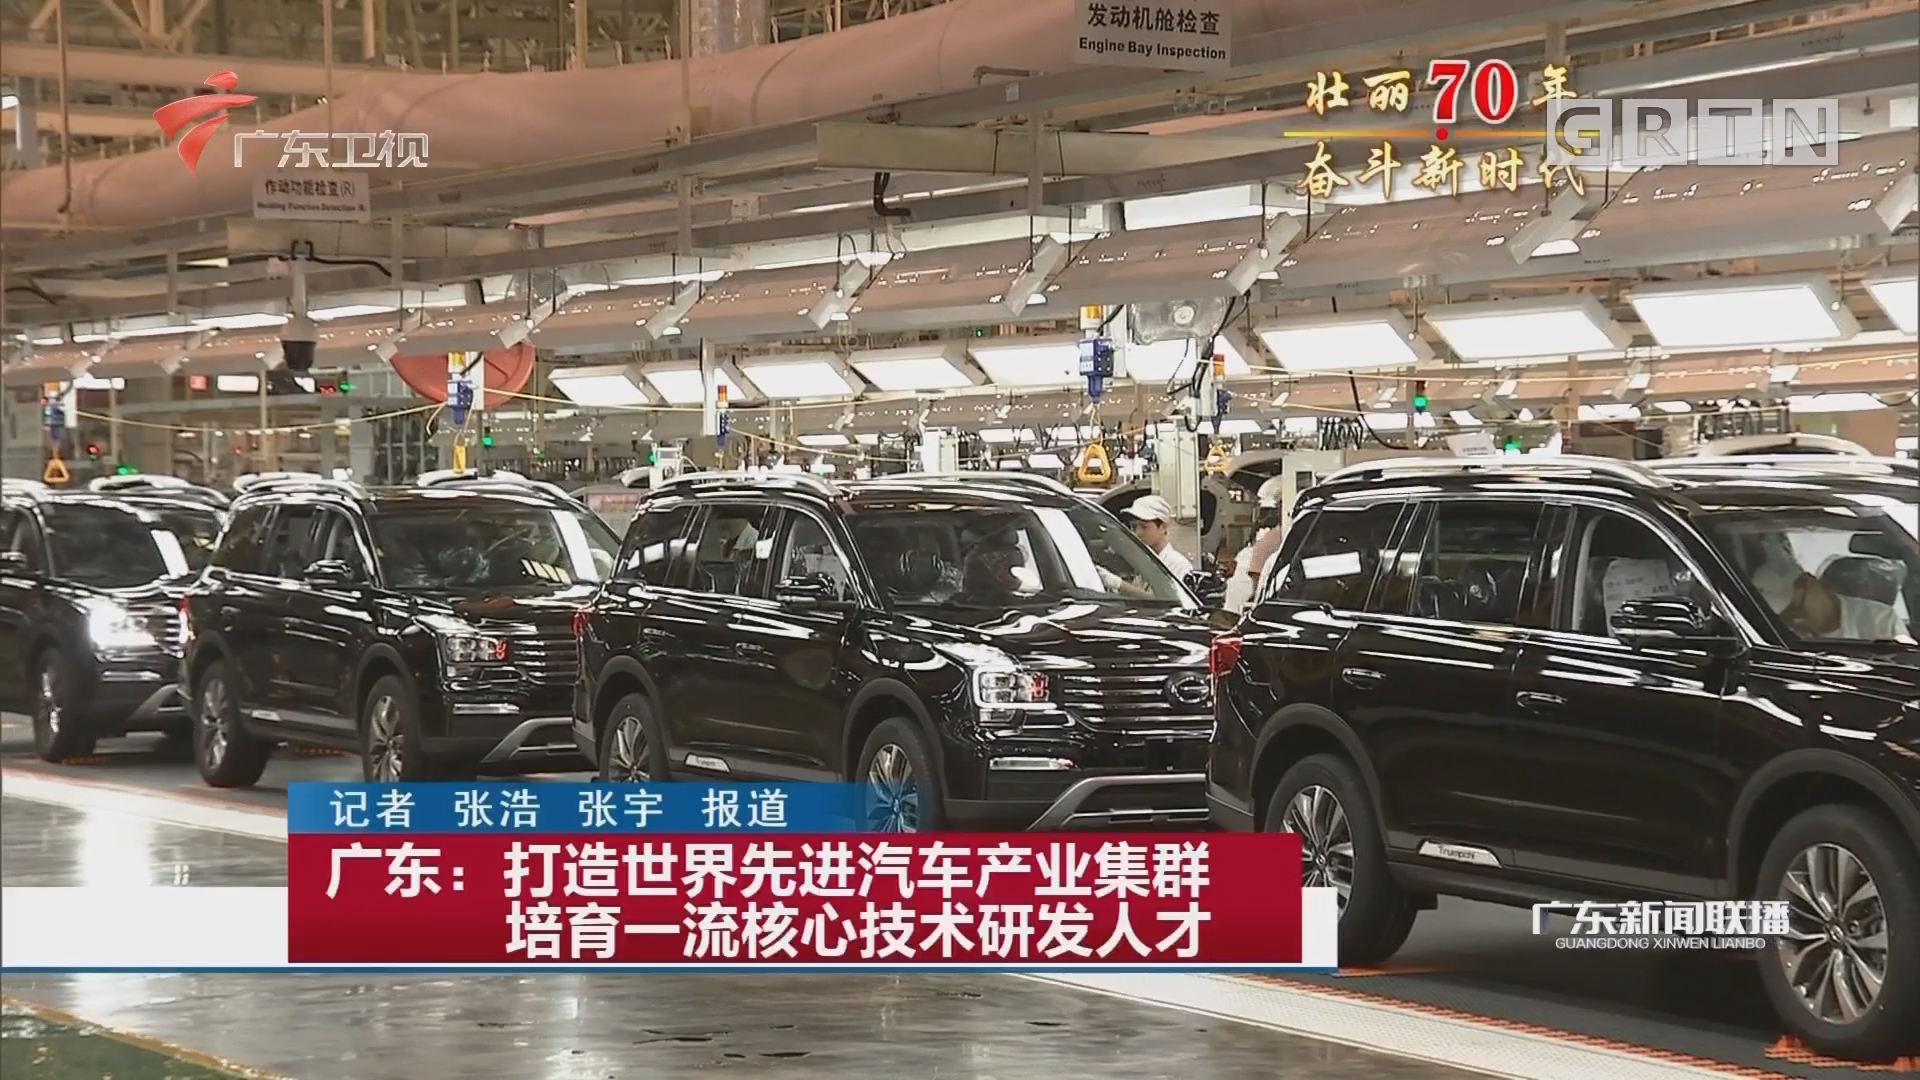 广东:打造世界先进汽车产业集群 培育一流核心技术研发人才